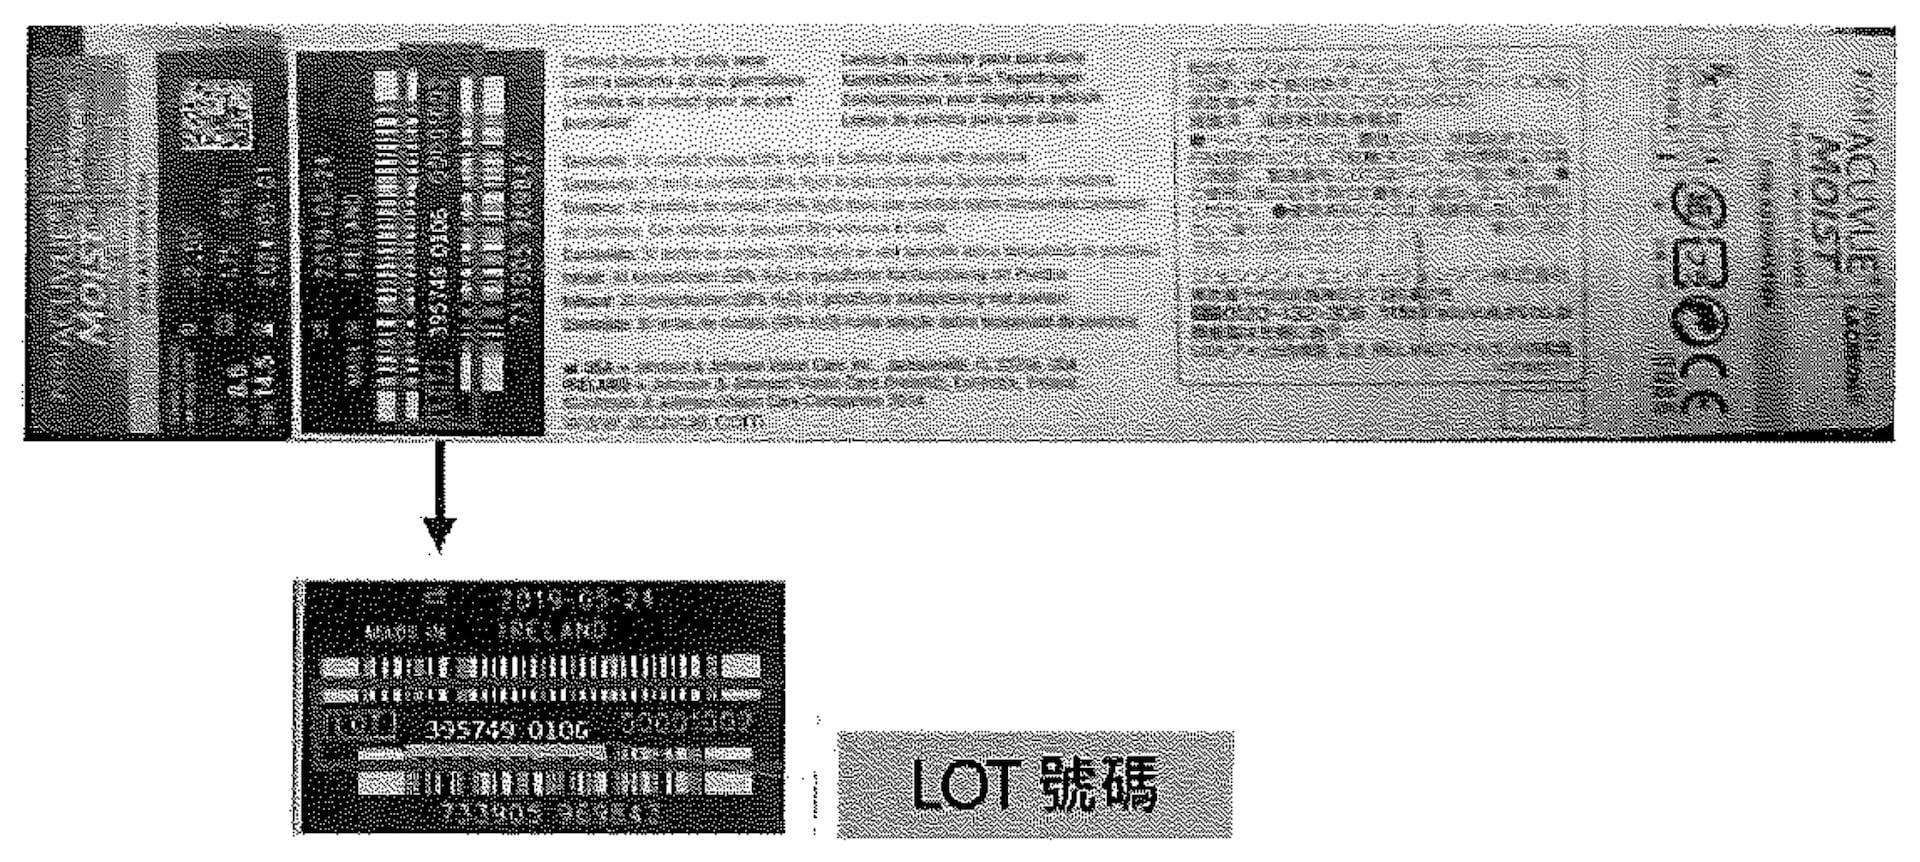 確認隱形眼鏡包裝盒上「LOT」圖示後十位數字號碼是否為受影響批號。